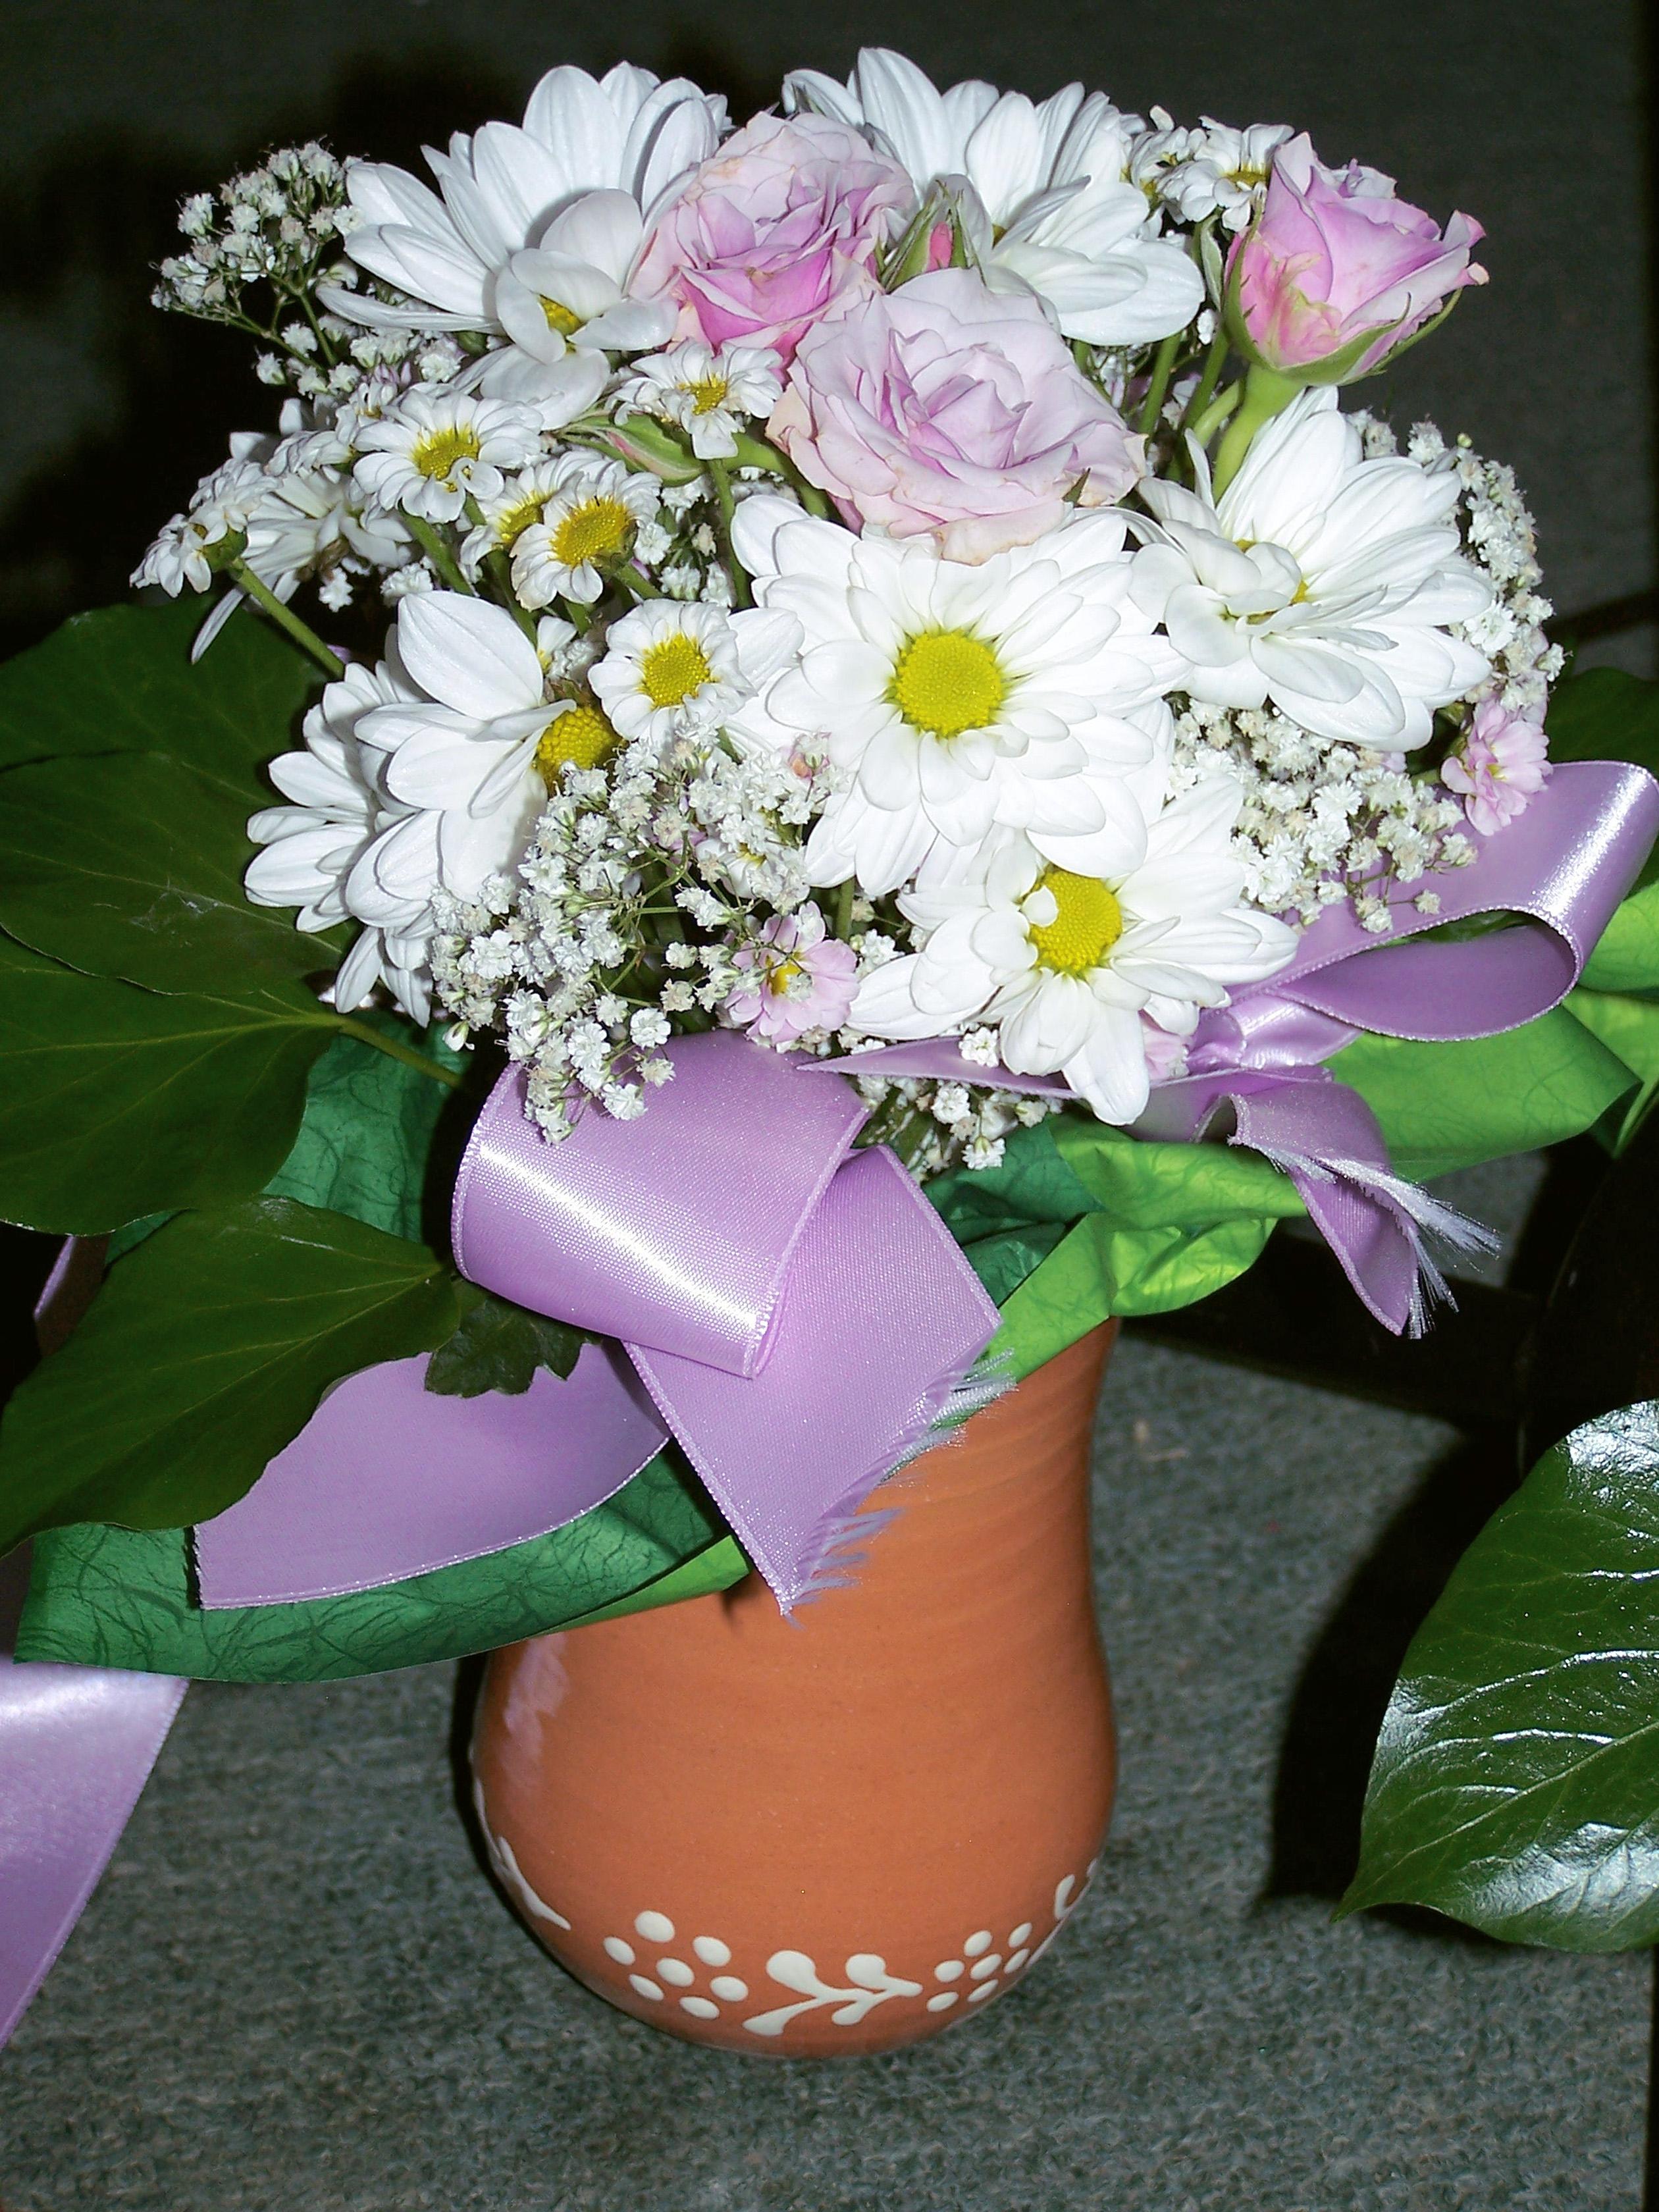 Gambar Putih Bunga Aster Vas Pita Buket Liburan Salam Bagus Indah Bunga Potong Merangkai Bunga Budidaya Bunga Menanam Berwarna Merah Muda Tanaman Berbunga Desain Bunga Daun Bunga Ungu Pot Bunga Inti